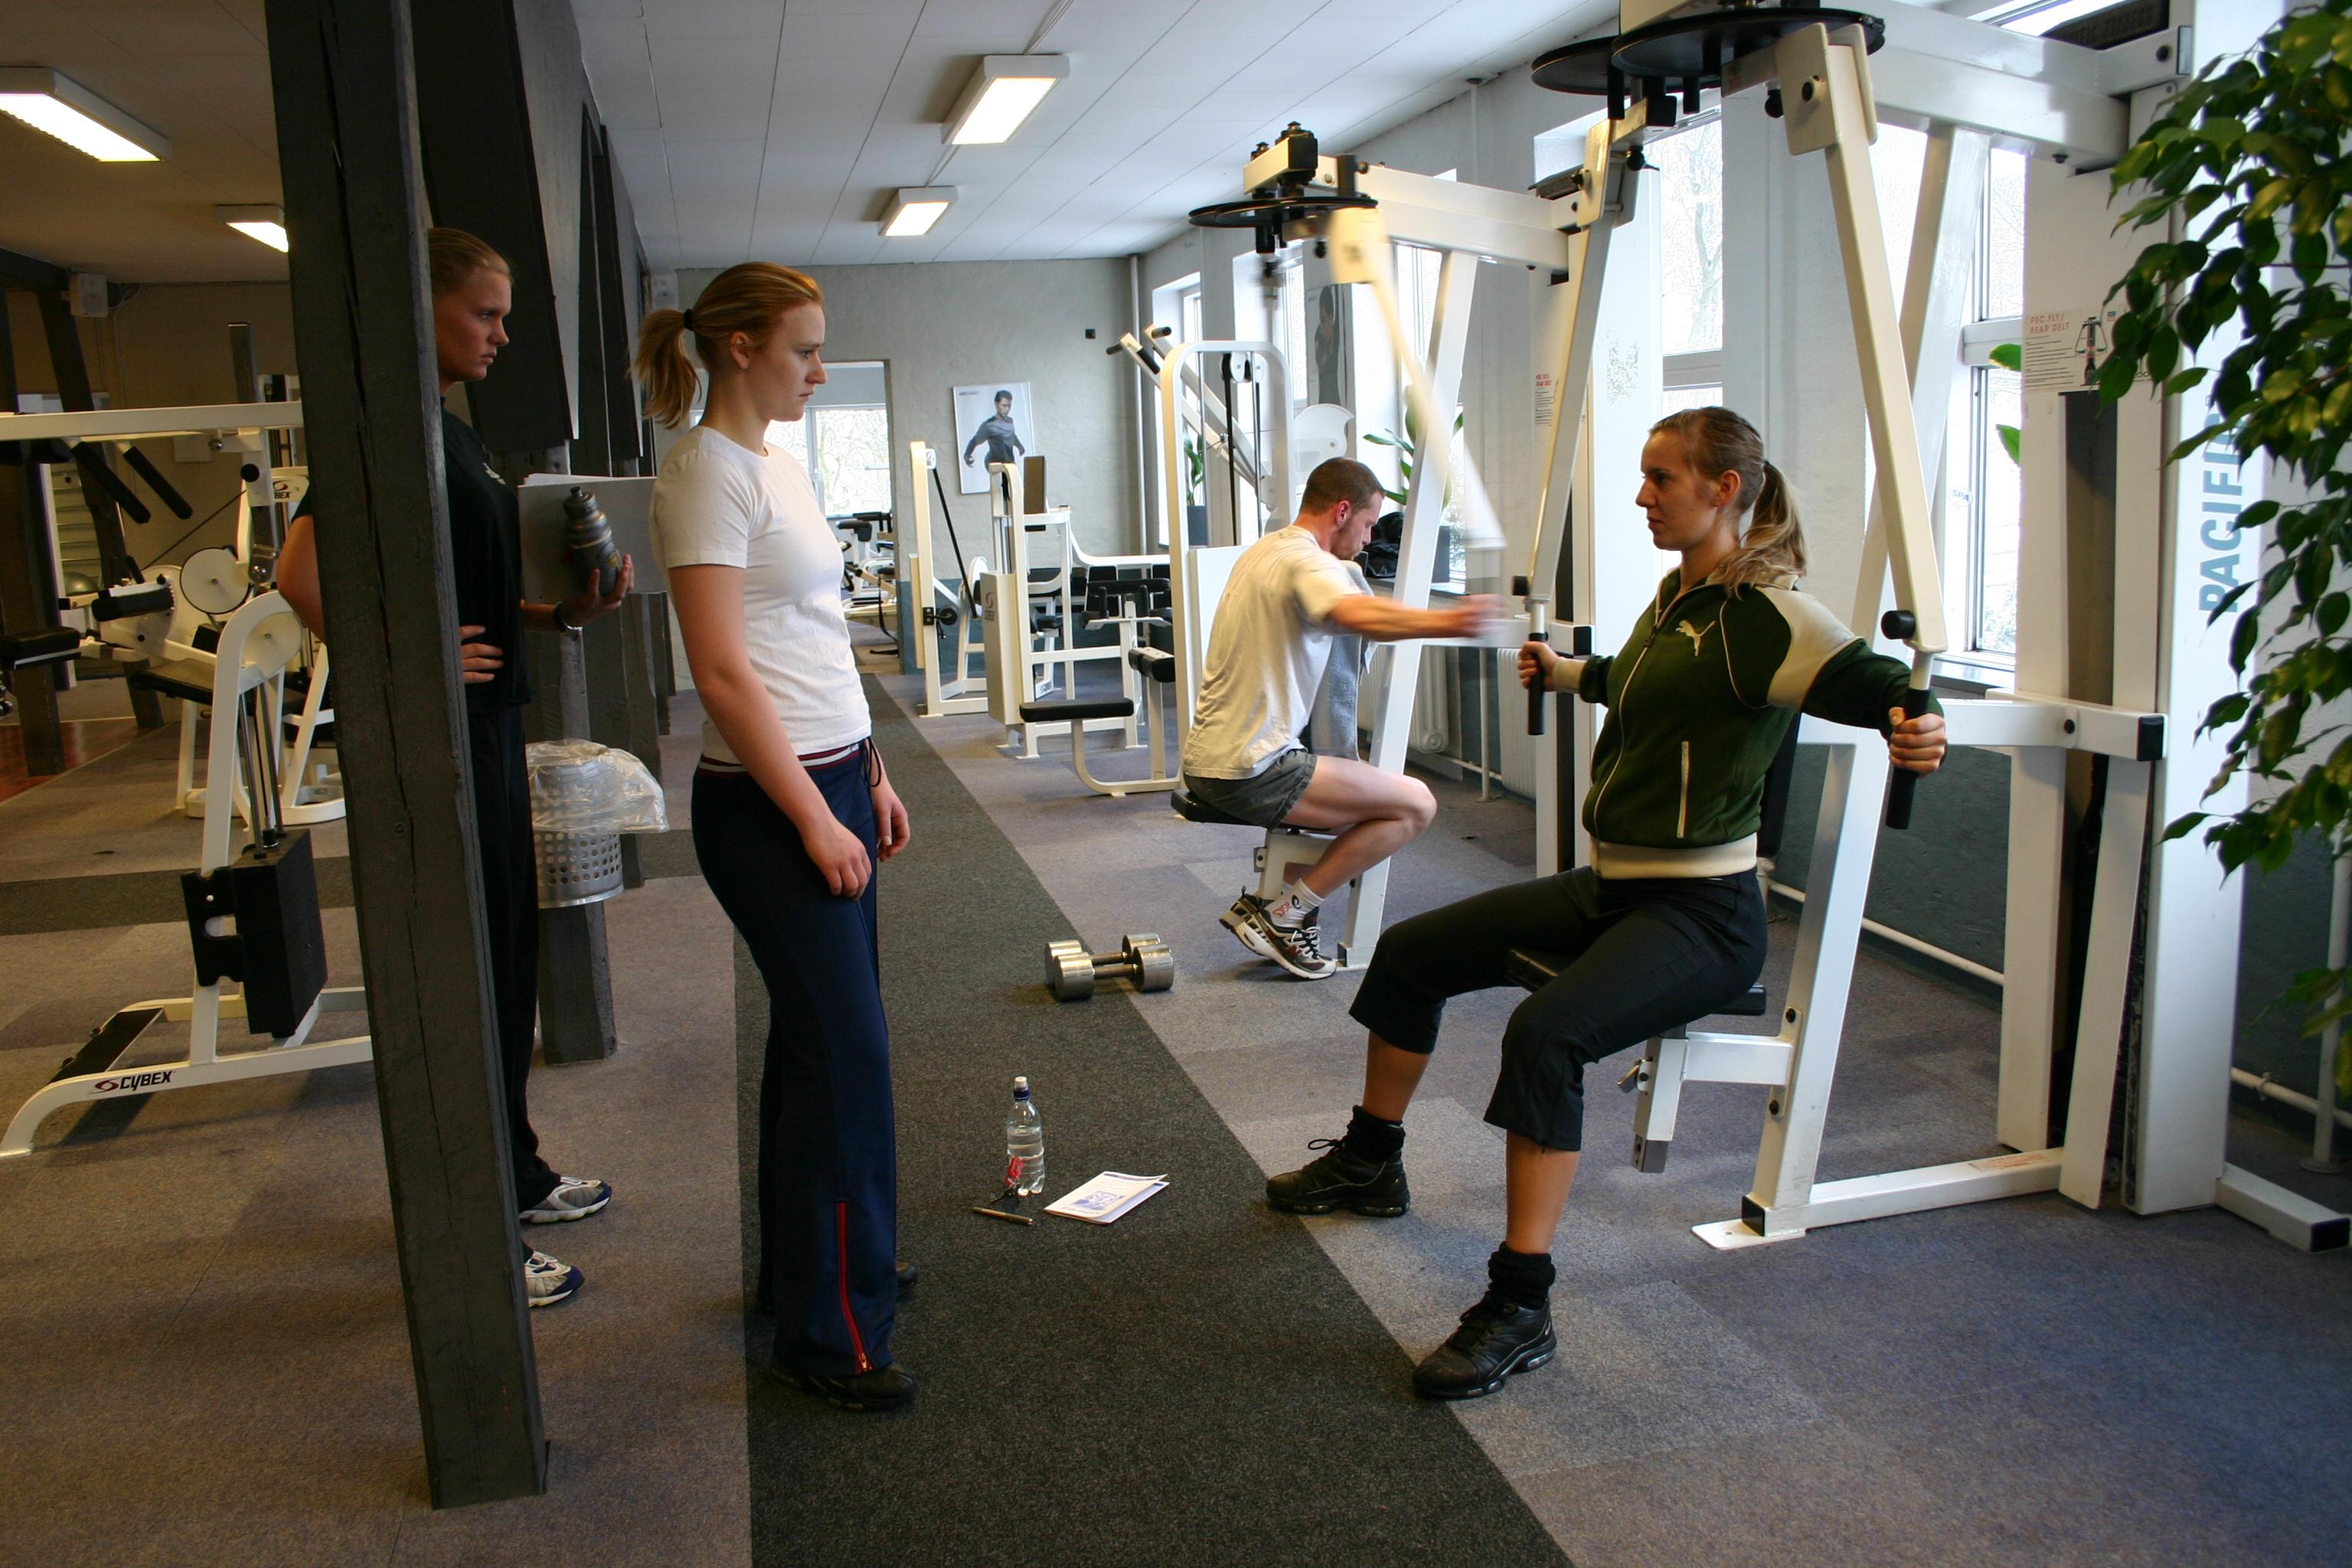 Fitnesscenter_træning_vejledning